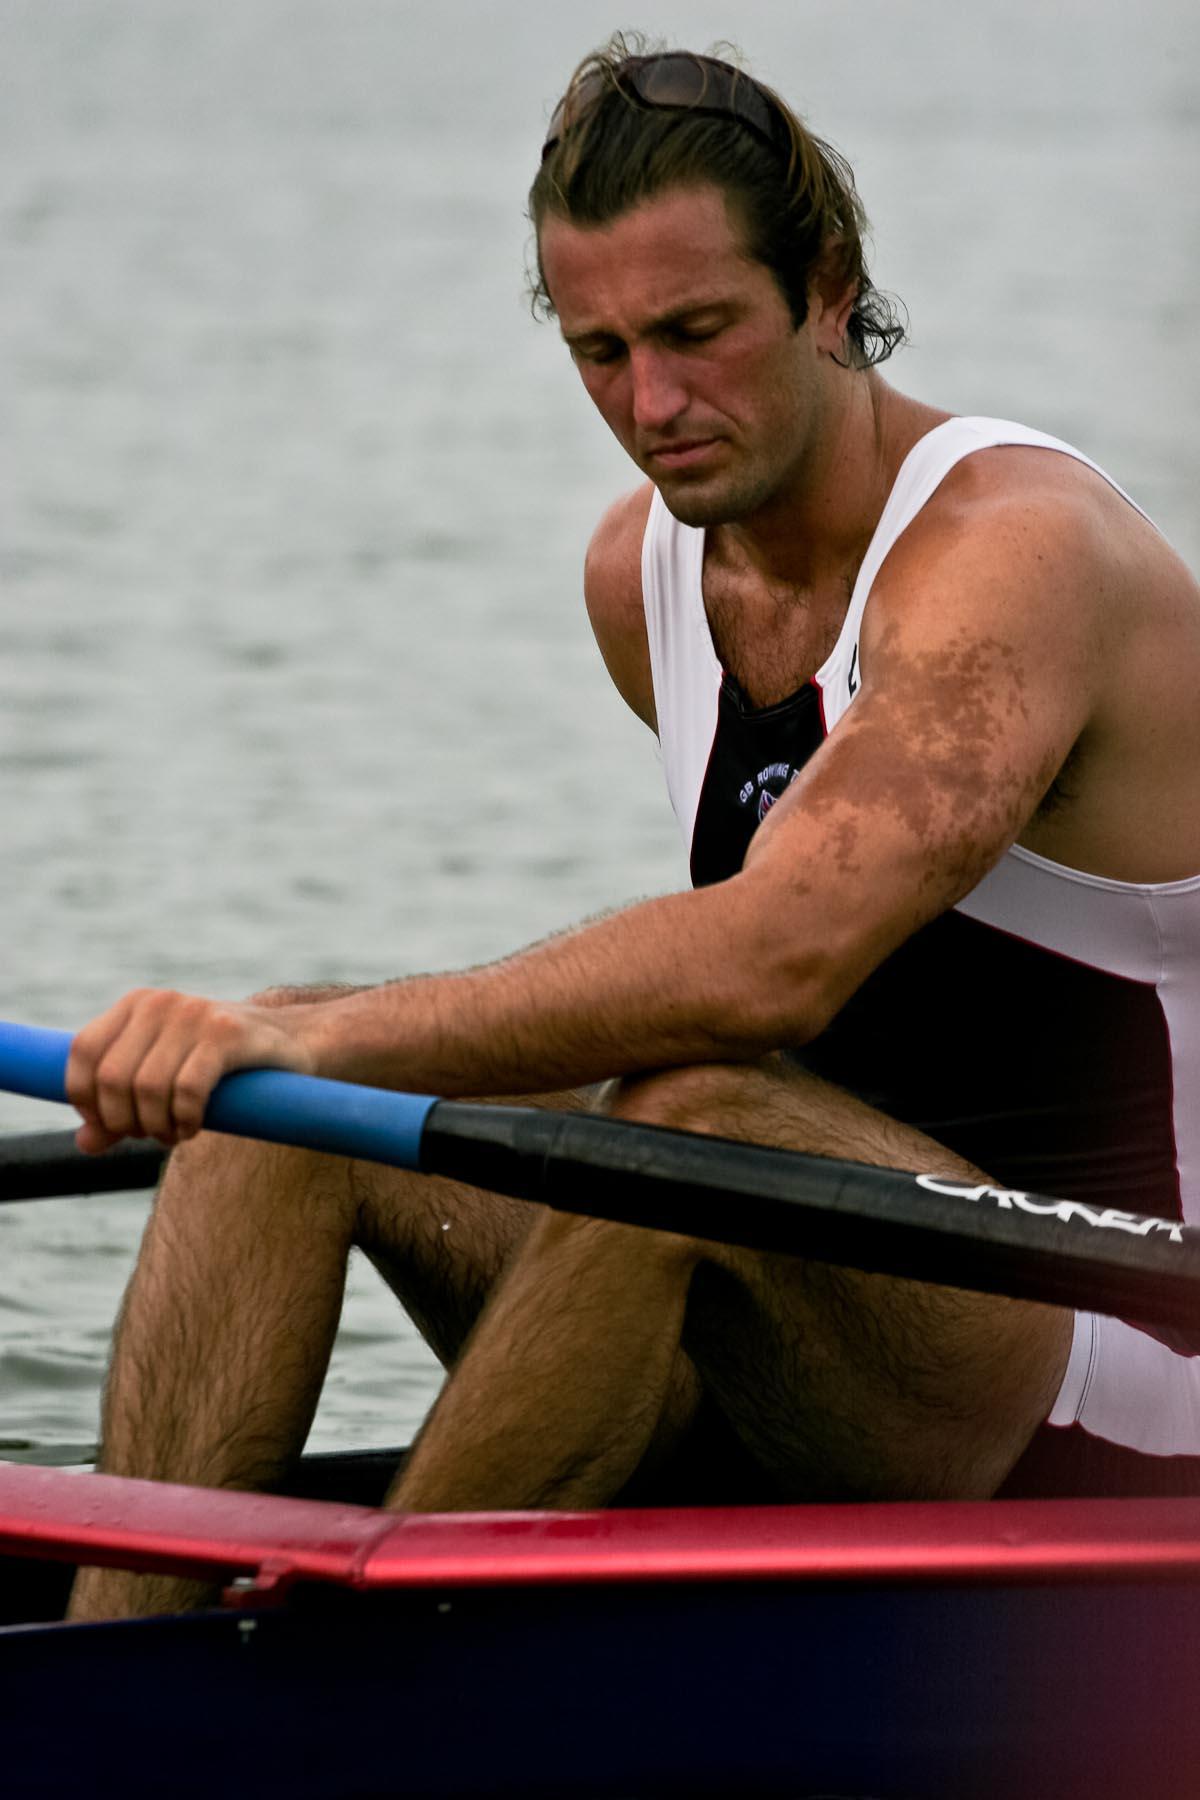 Chris Liwski